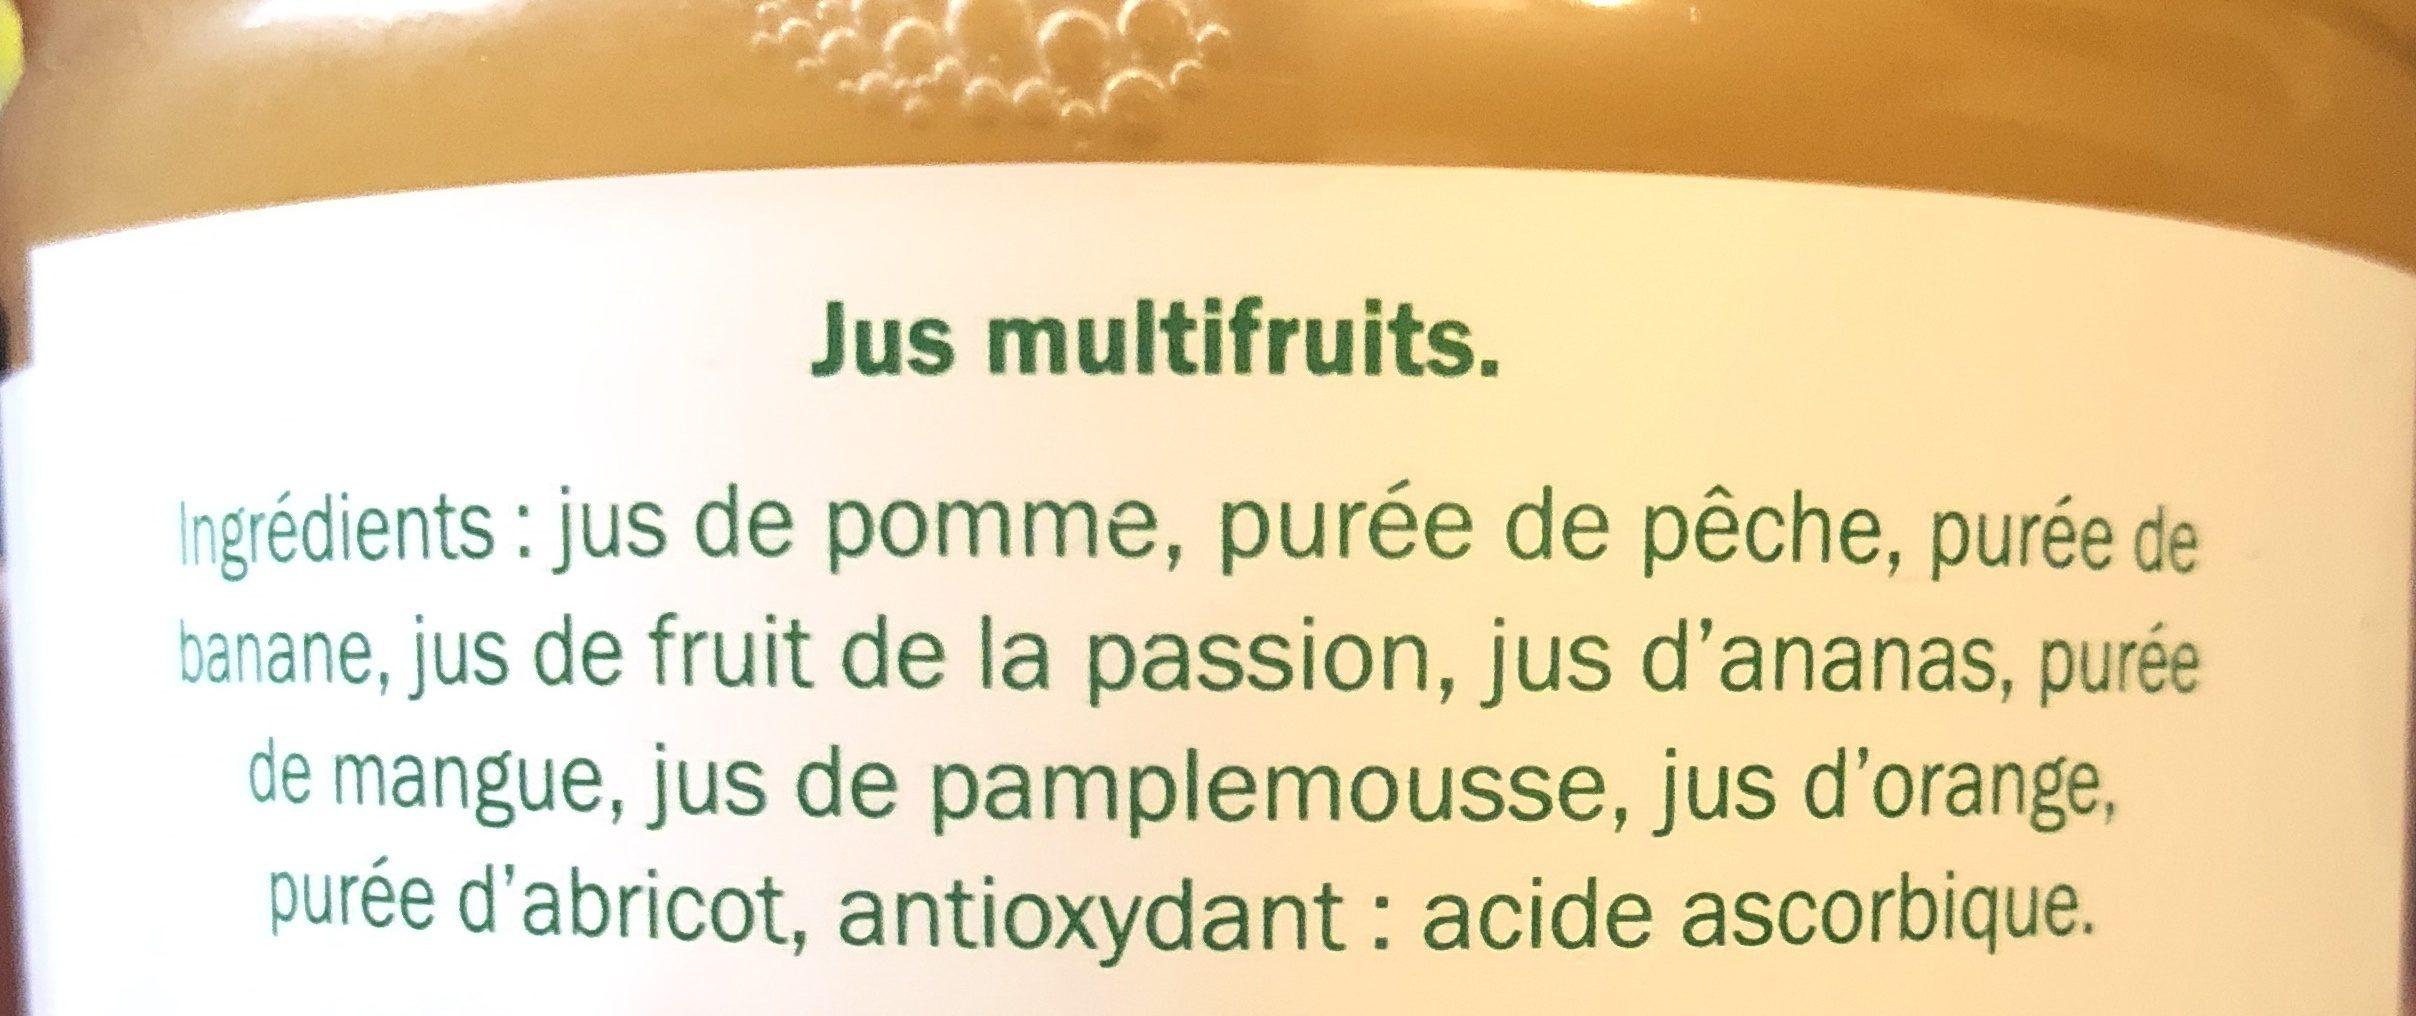 Jus multifruits. Teneur en fruits: 100% - Ingrediënten - fr